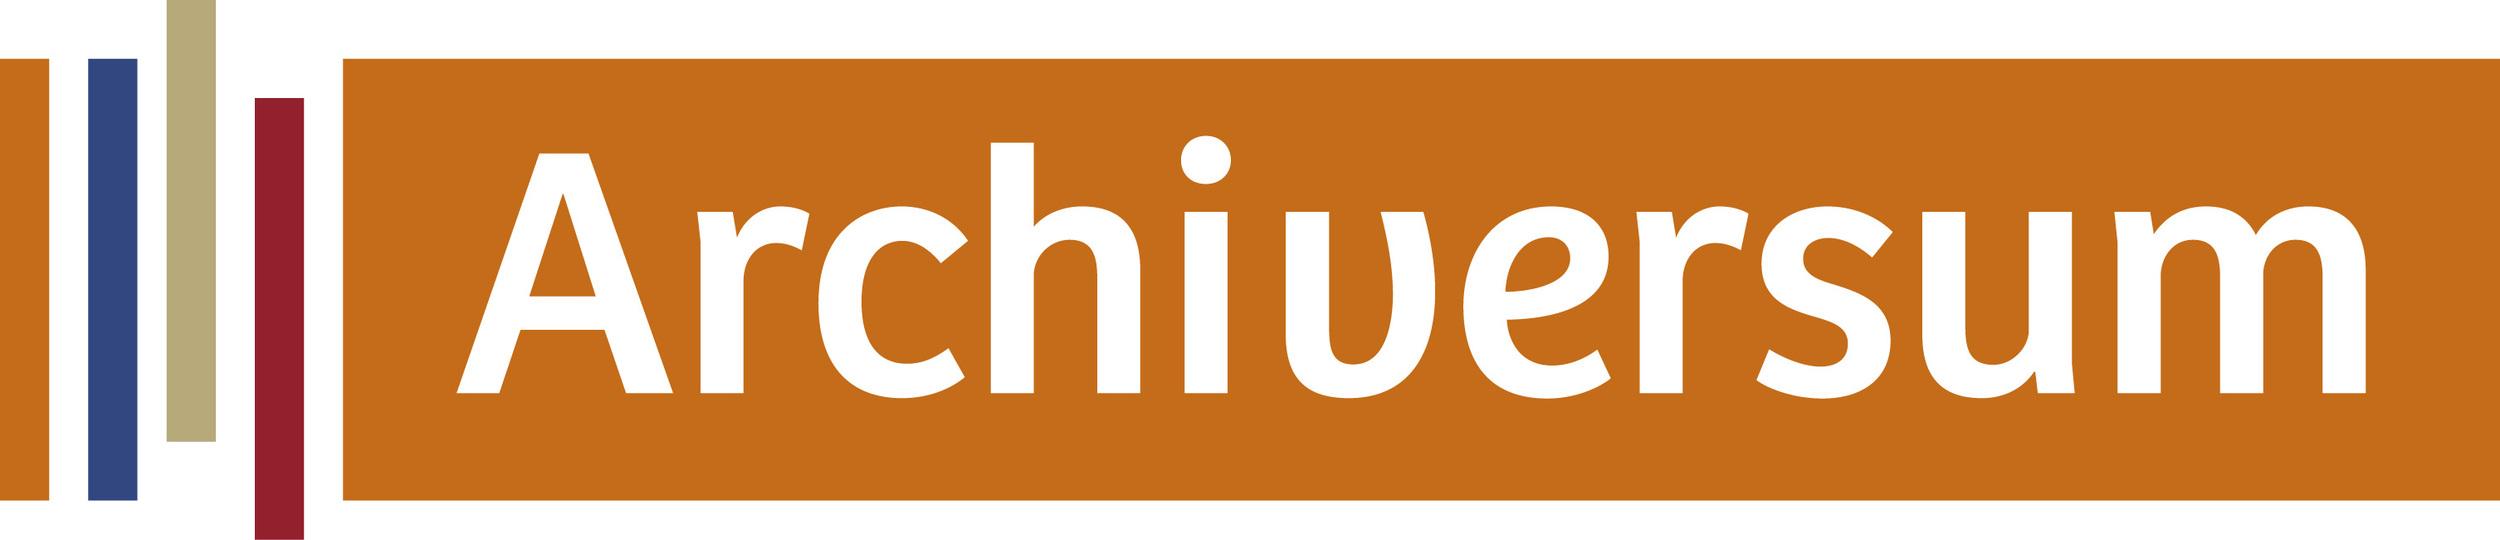 Archiversum_Logo_col